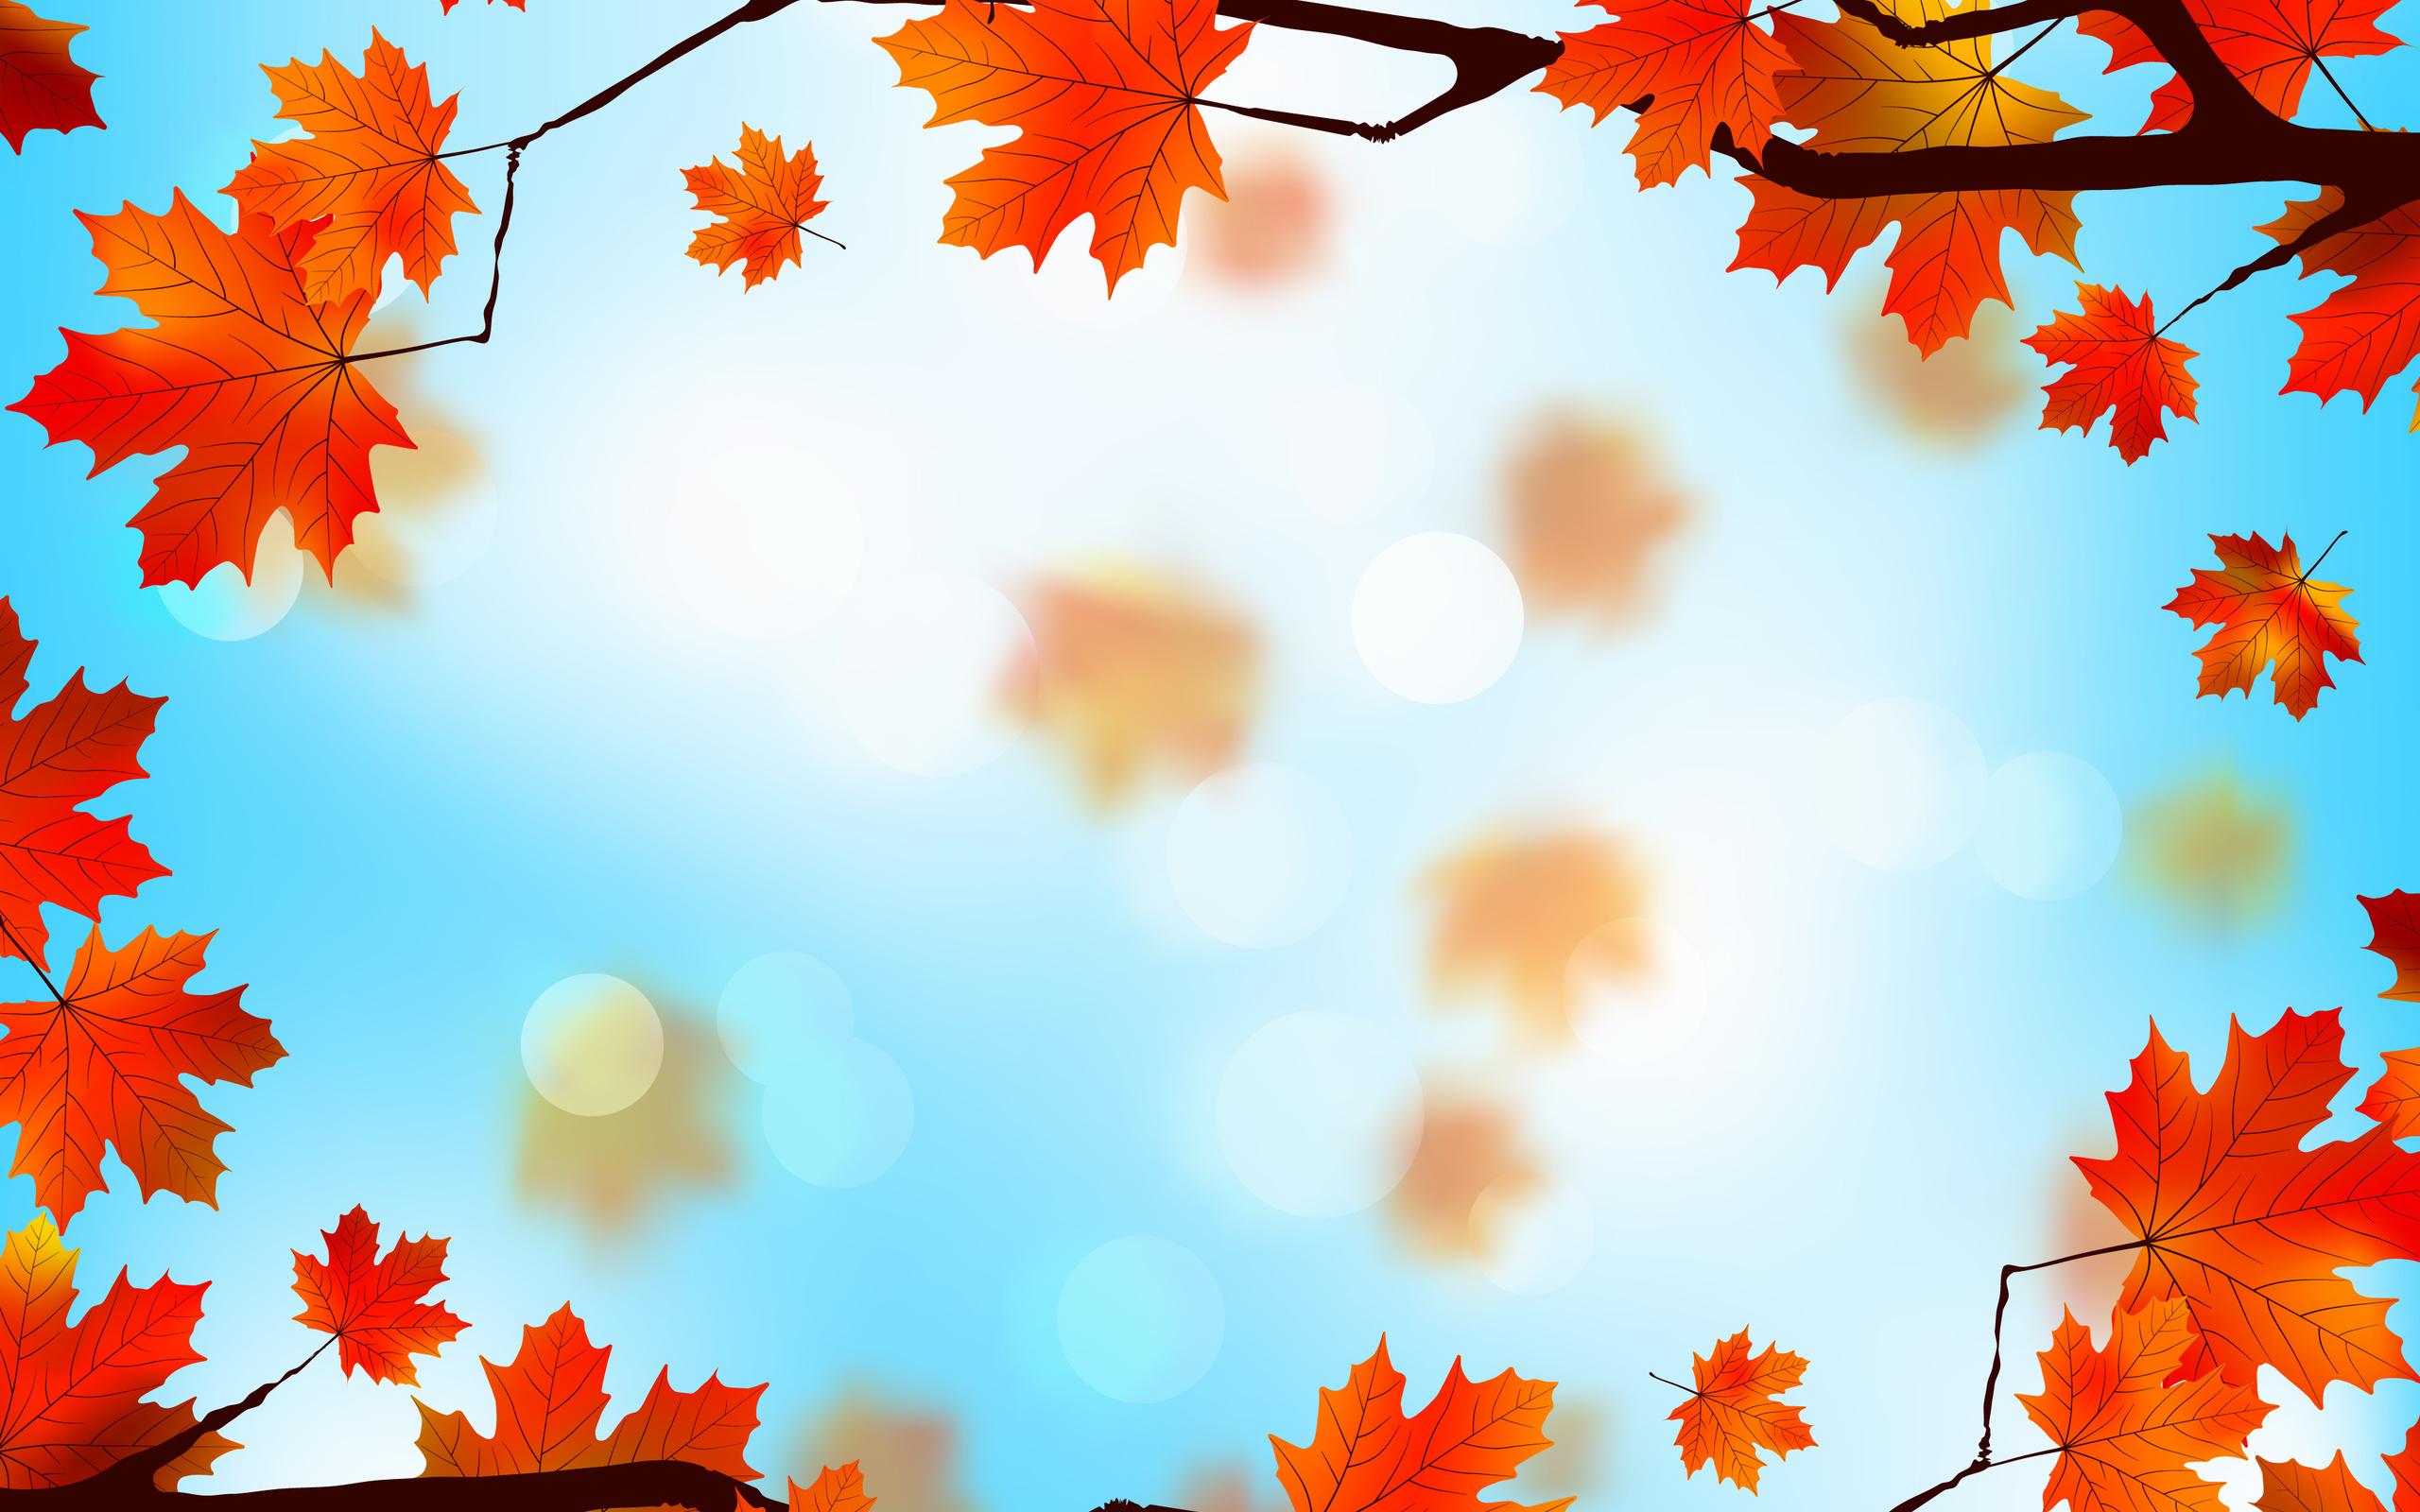 Прикольные олени, фоны для открытки осень в хорошем качестве